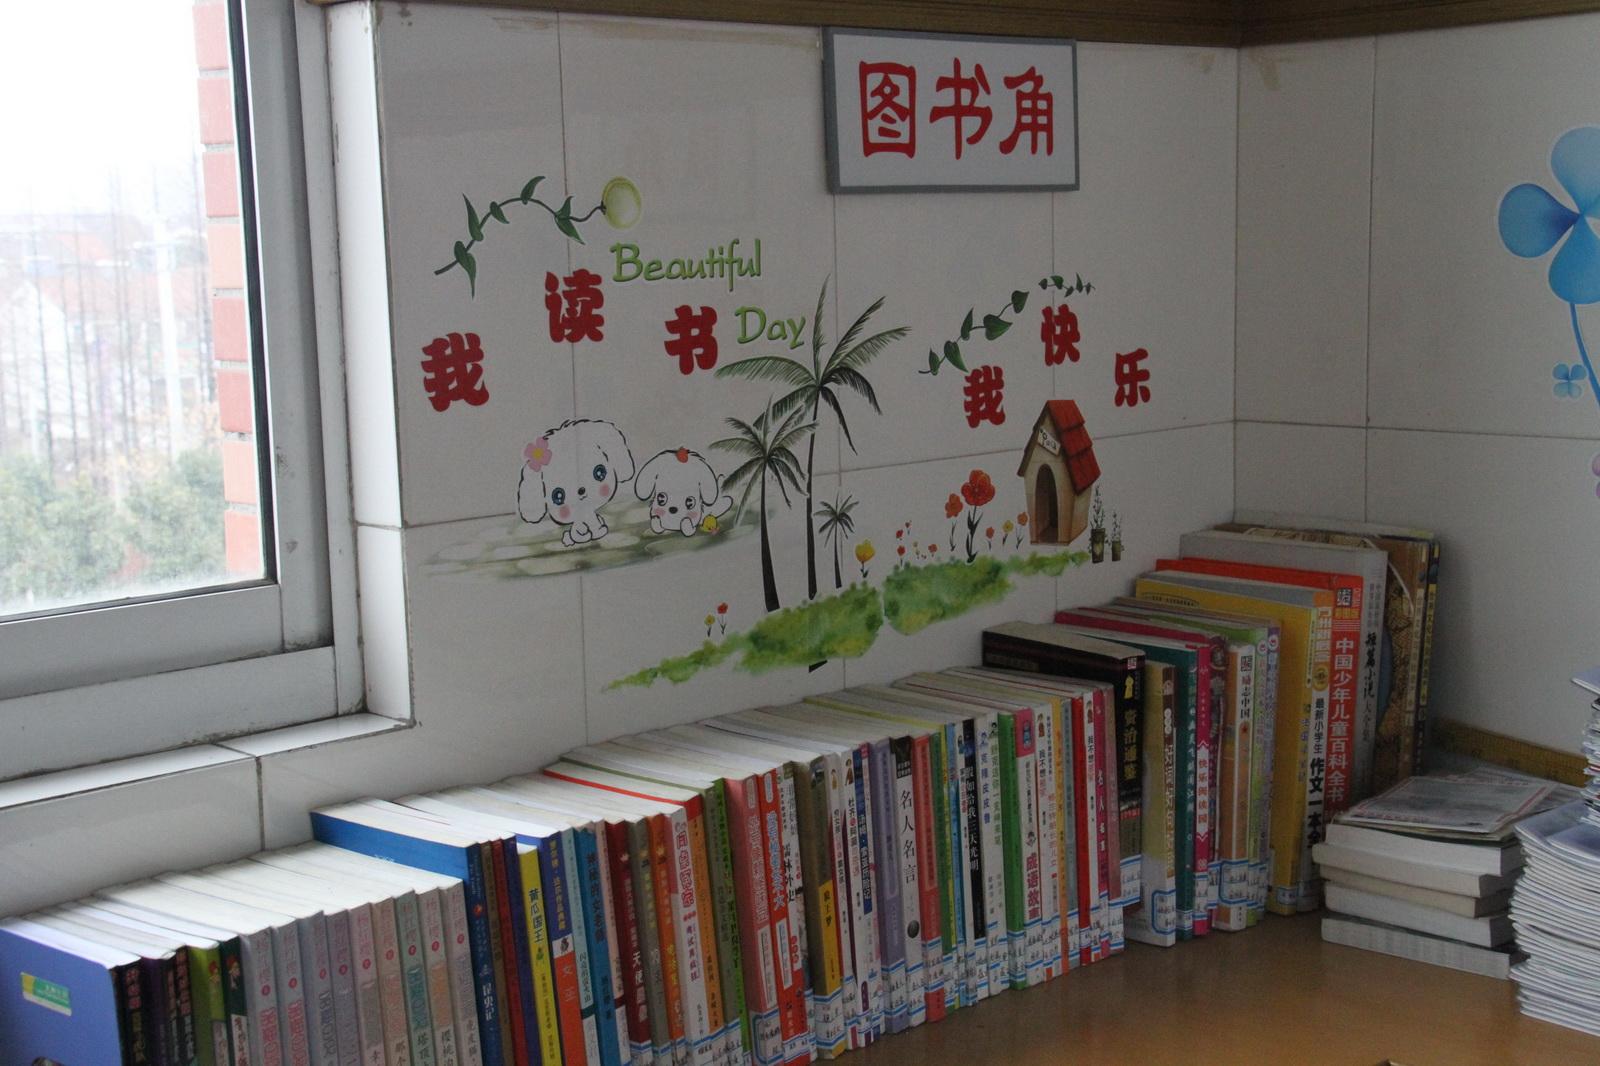 为营造浓浓书香校园,优化学生读书环境,实现图书资源共享,郑州